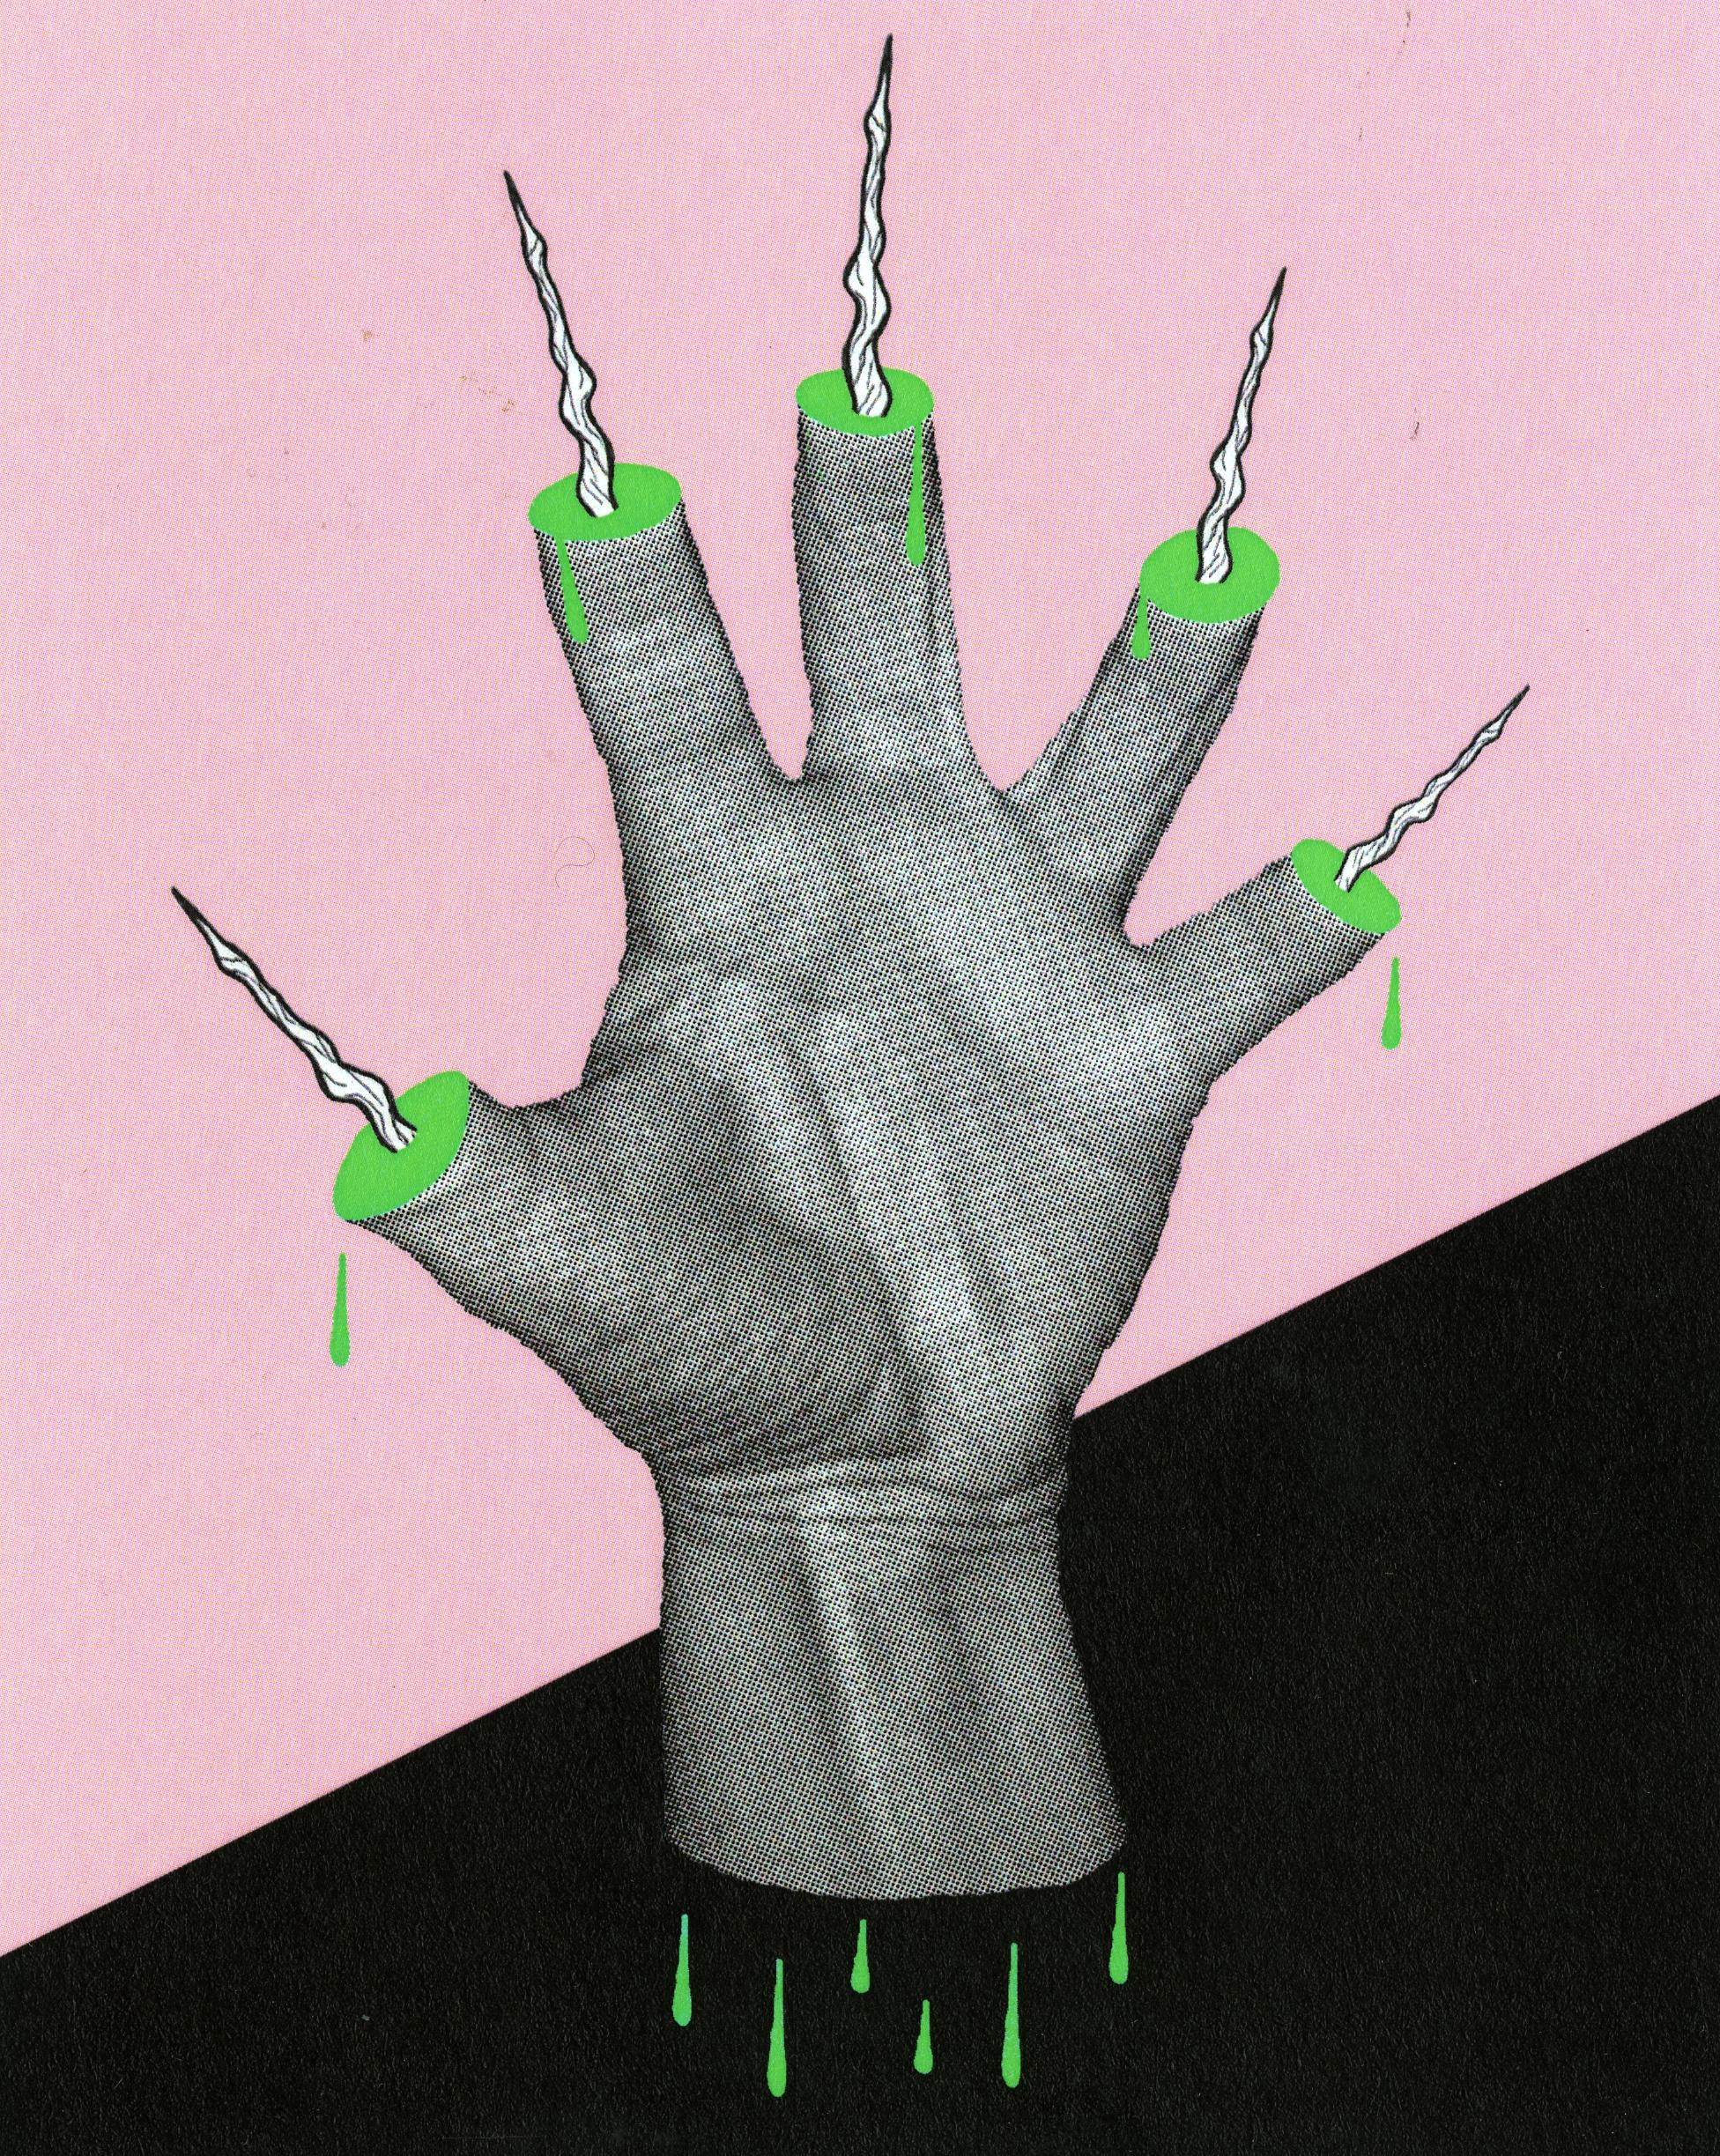 Allison Rentmeester - Five of Wands